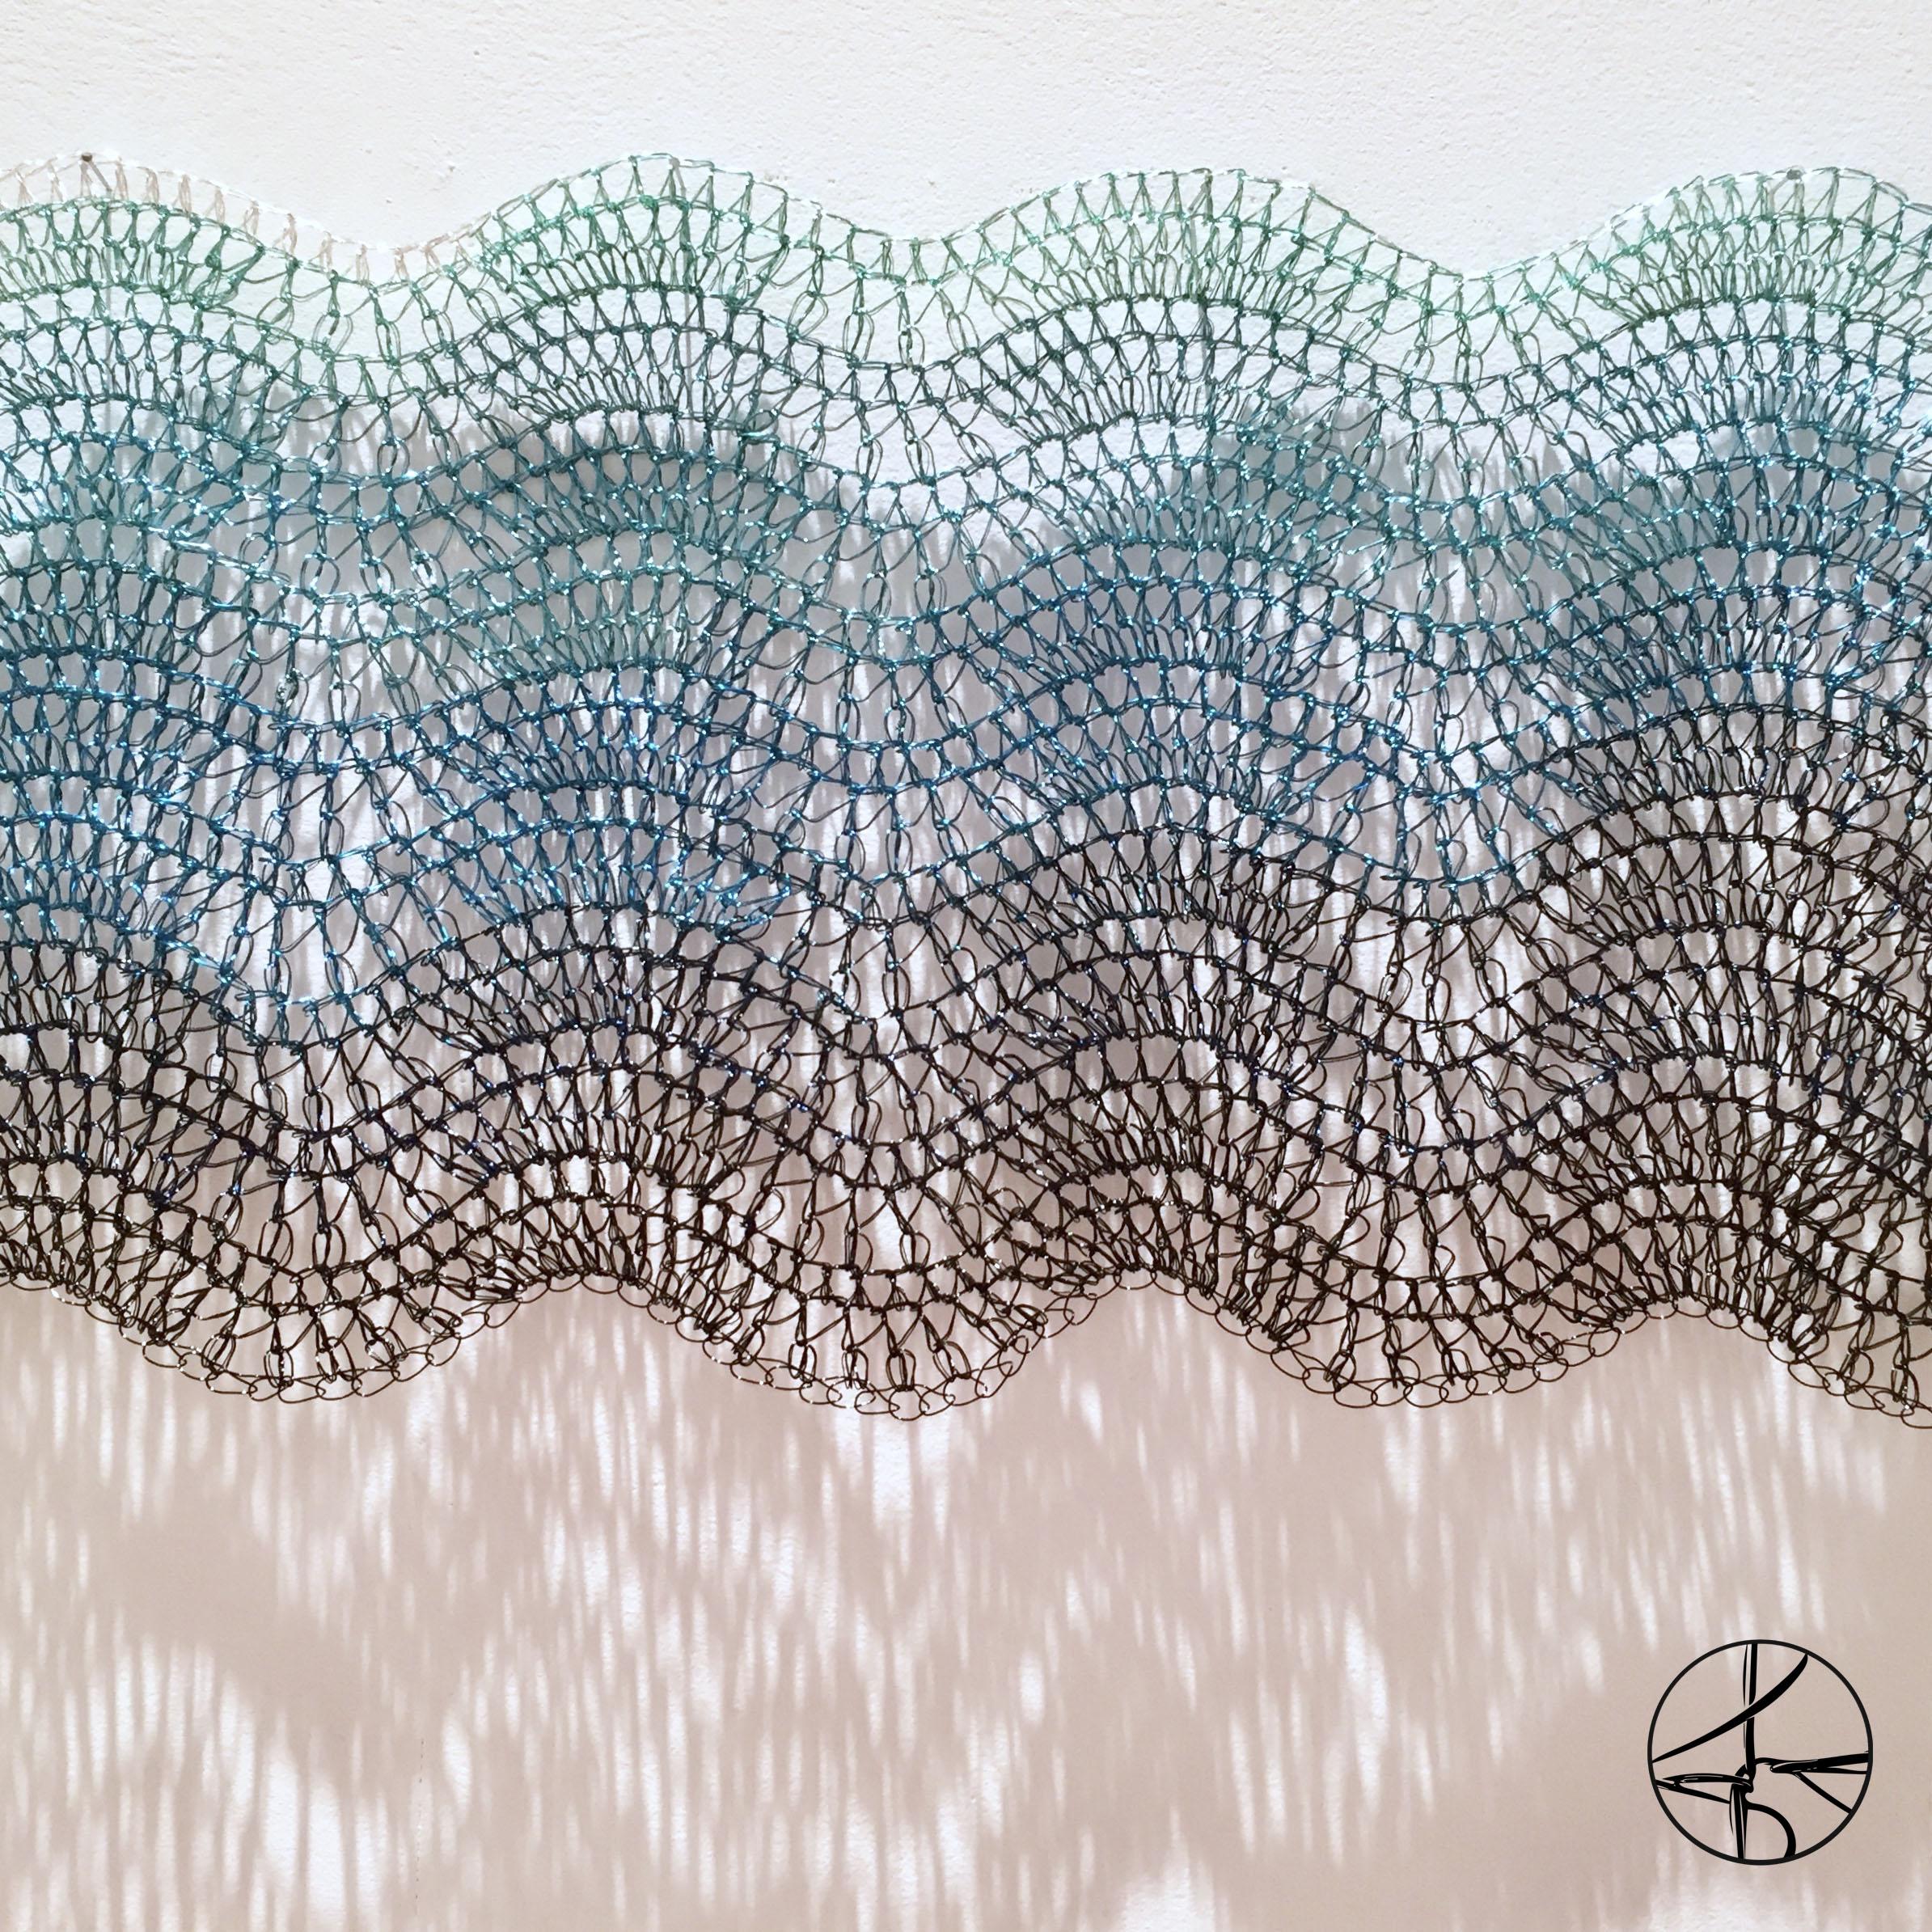 Wall Art - Metals